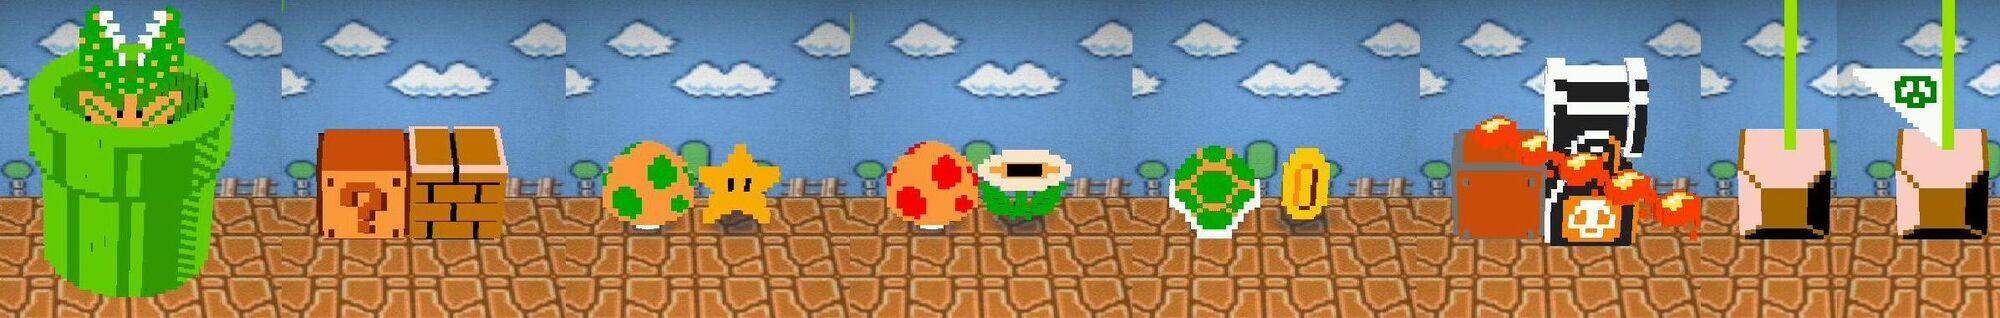 Mario Theme Animal Crossing Wiki Fandom Powered By Wikia